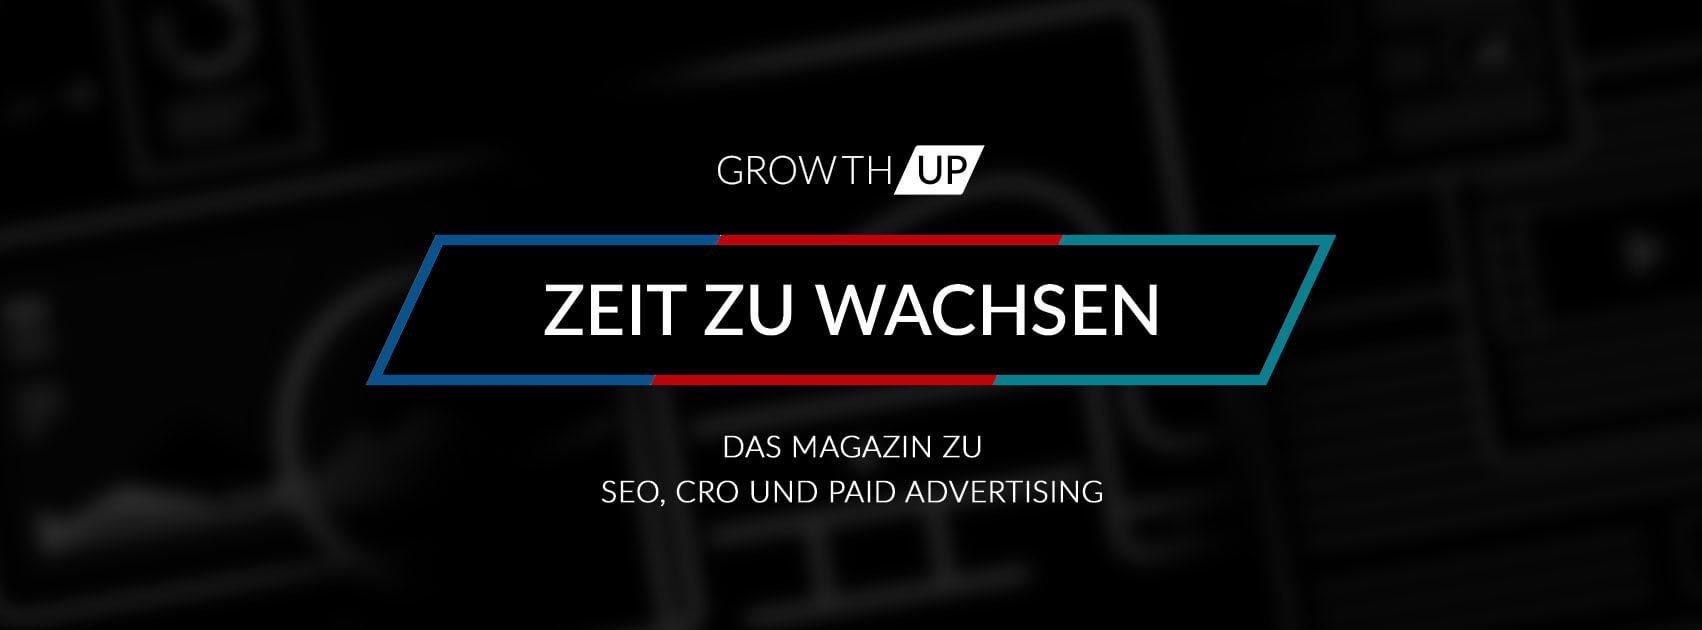 GrowthUp - Zeit zu wachsen